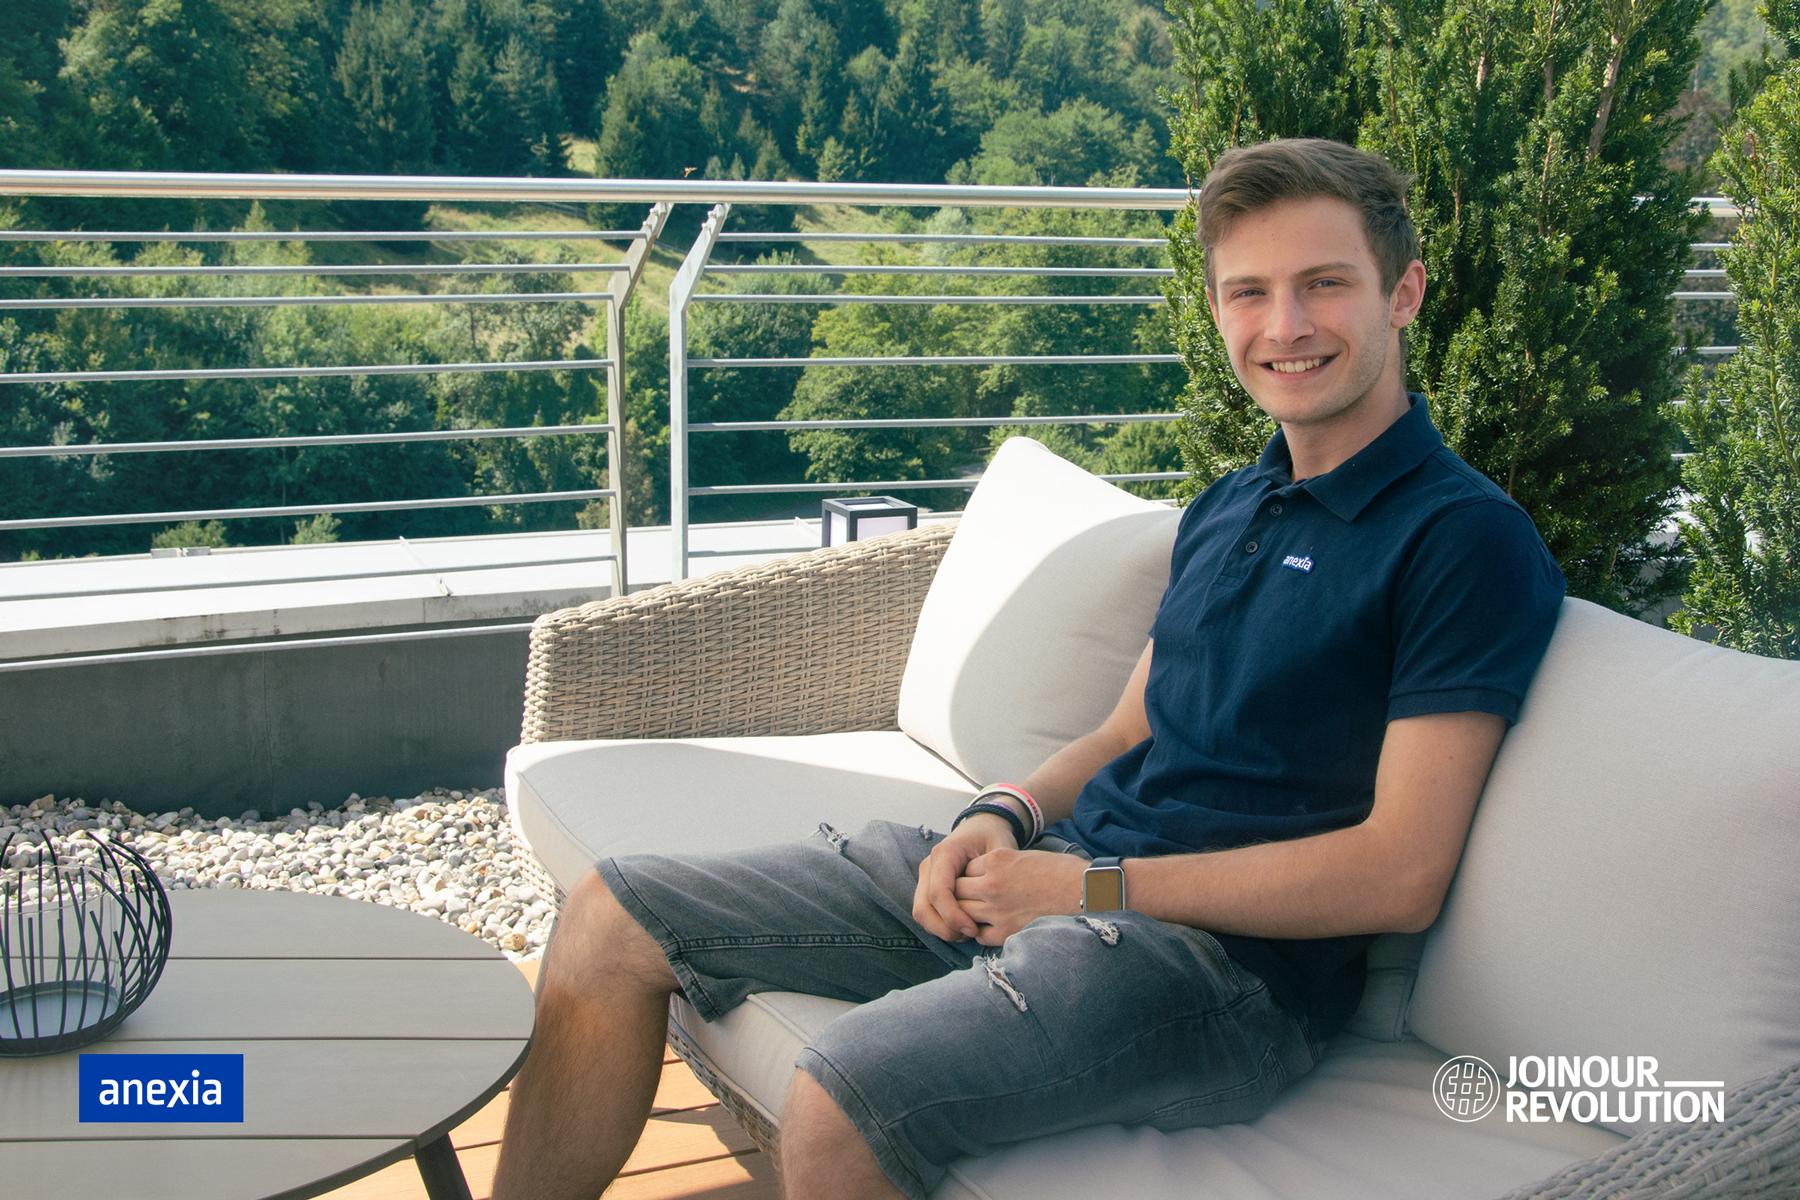 Justin auf Terrasse während Praktikum